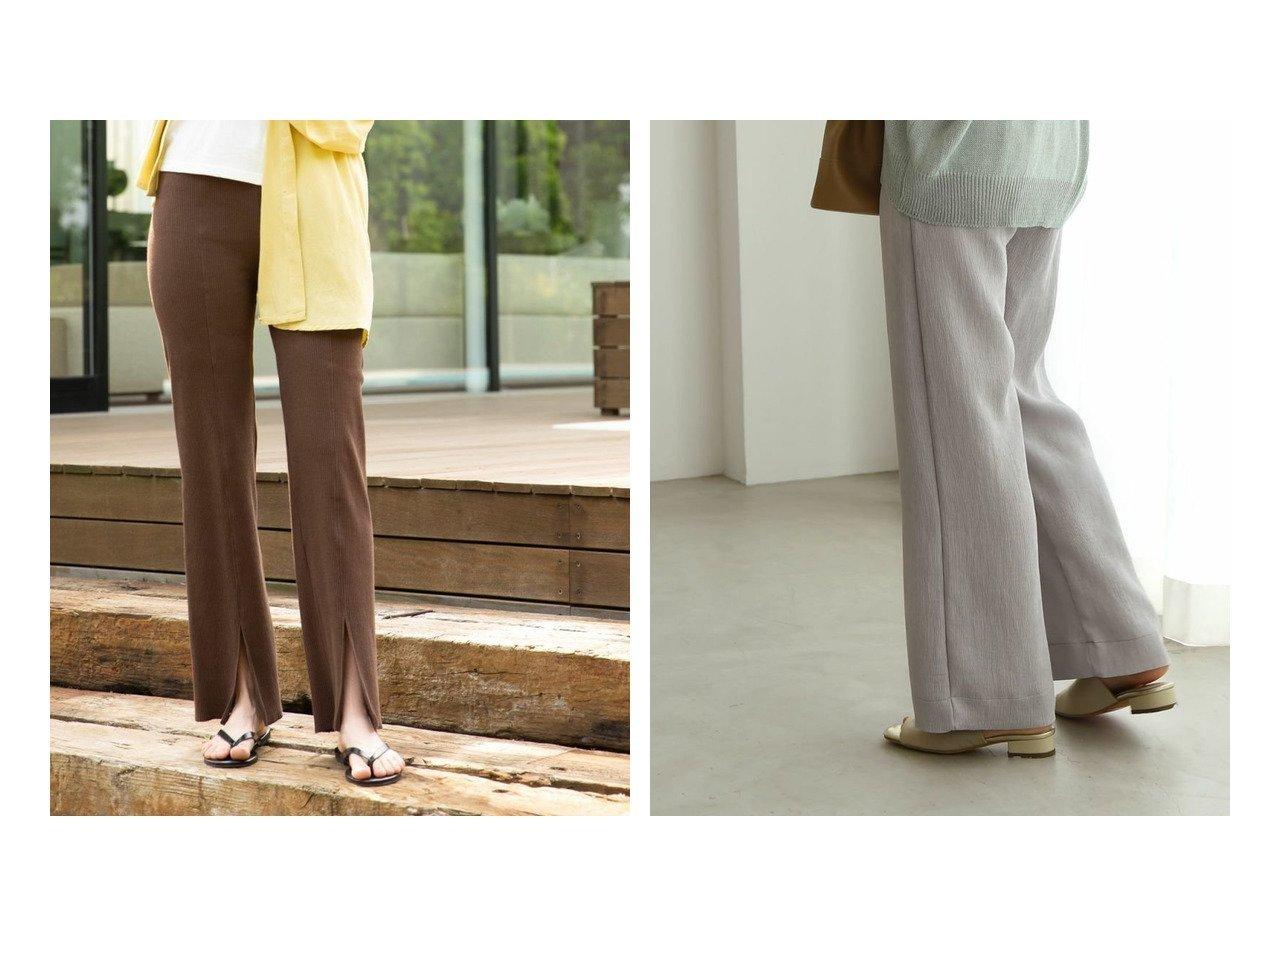 【marjour/マージュール】のmarjourフロントスリットパンツ FRONT SLIT PANTS&marjourリラックスサマーパンツ RELAX SUMMER PANTS マージュールのおすすめ!人気、トレンド・レディースファッションの通販 おすすめで人気の流行・トレンド、ファッションの通販商品 メンズファッション・キッズファッション・インテリア・家具・レディースファッション・服の通販 founy(ファニー) https://founy.com/ ファッション Fashion レディースファッション WOMEN パンツ Pants アンクル アンダー 春 Spring サマー サンダル ショート ジップ スウェット スタイリッシュ ストレート スリット バランス フィット フレア フロント ベスト 楽ちん ワイド A/W 秋冬 AW Autumn/Winter / FW Fall-Winter S/S 春夏 SS Spring/Summer おすすめ Recommend ストレッチ ベーシック リラックス 無地 |ID:crp329100000021532